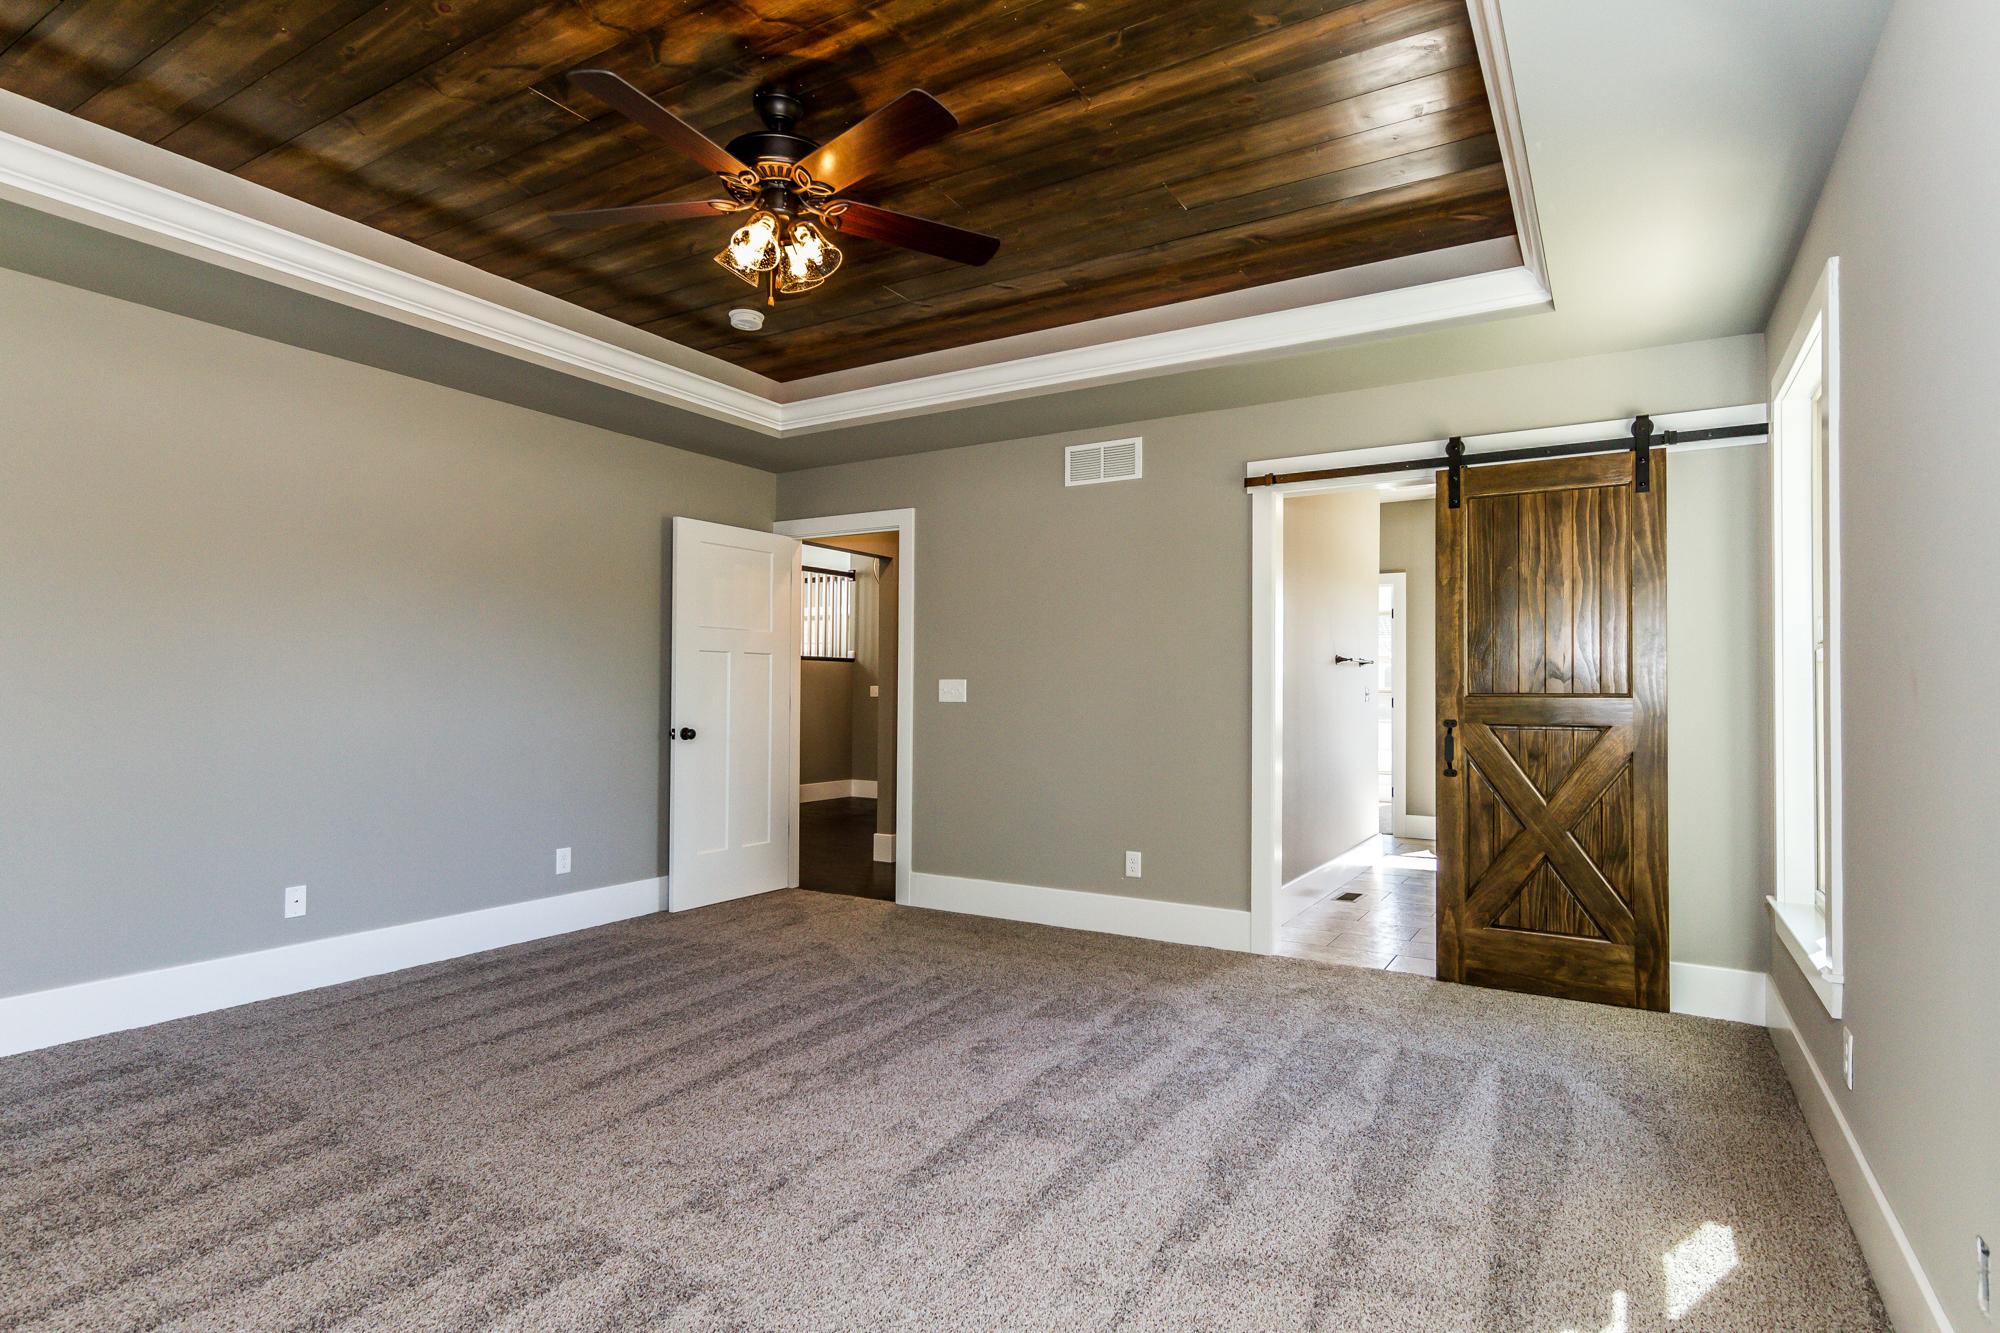 2-Scott-AFB-Real-Estate-For-Sale-O'Fallon-Illinois-62269-28.jpg